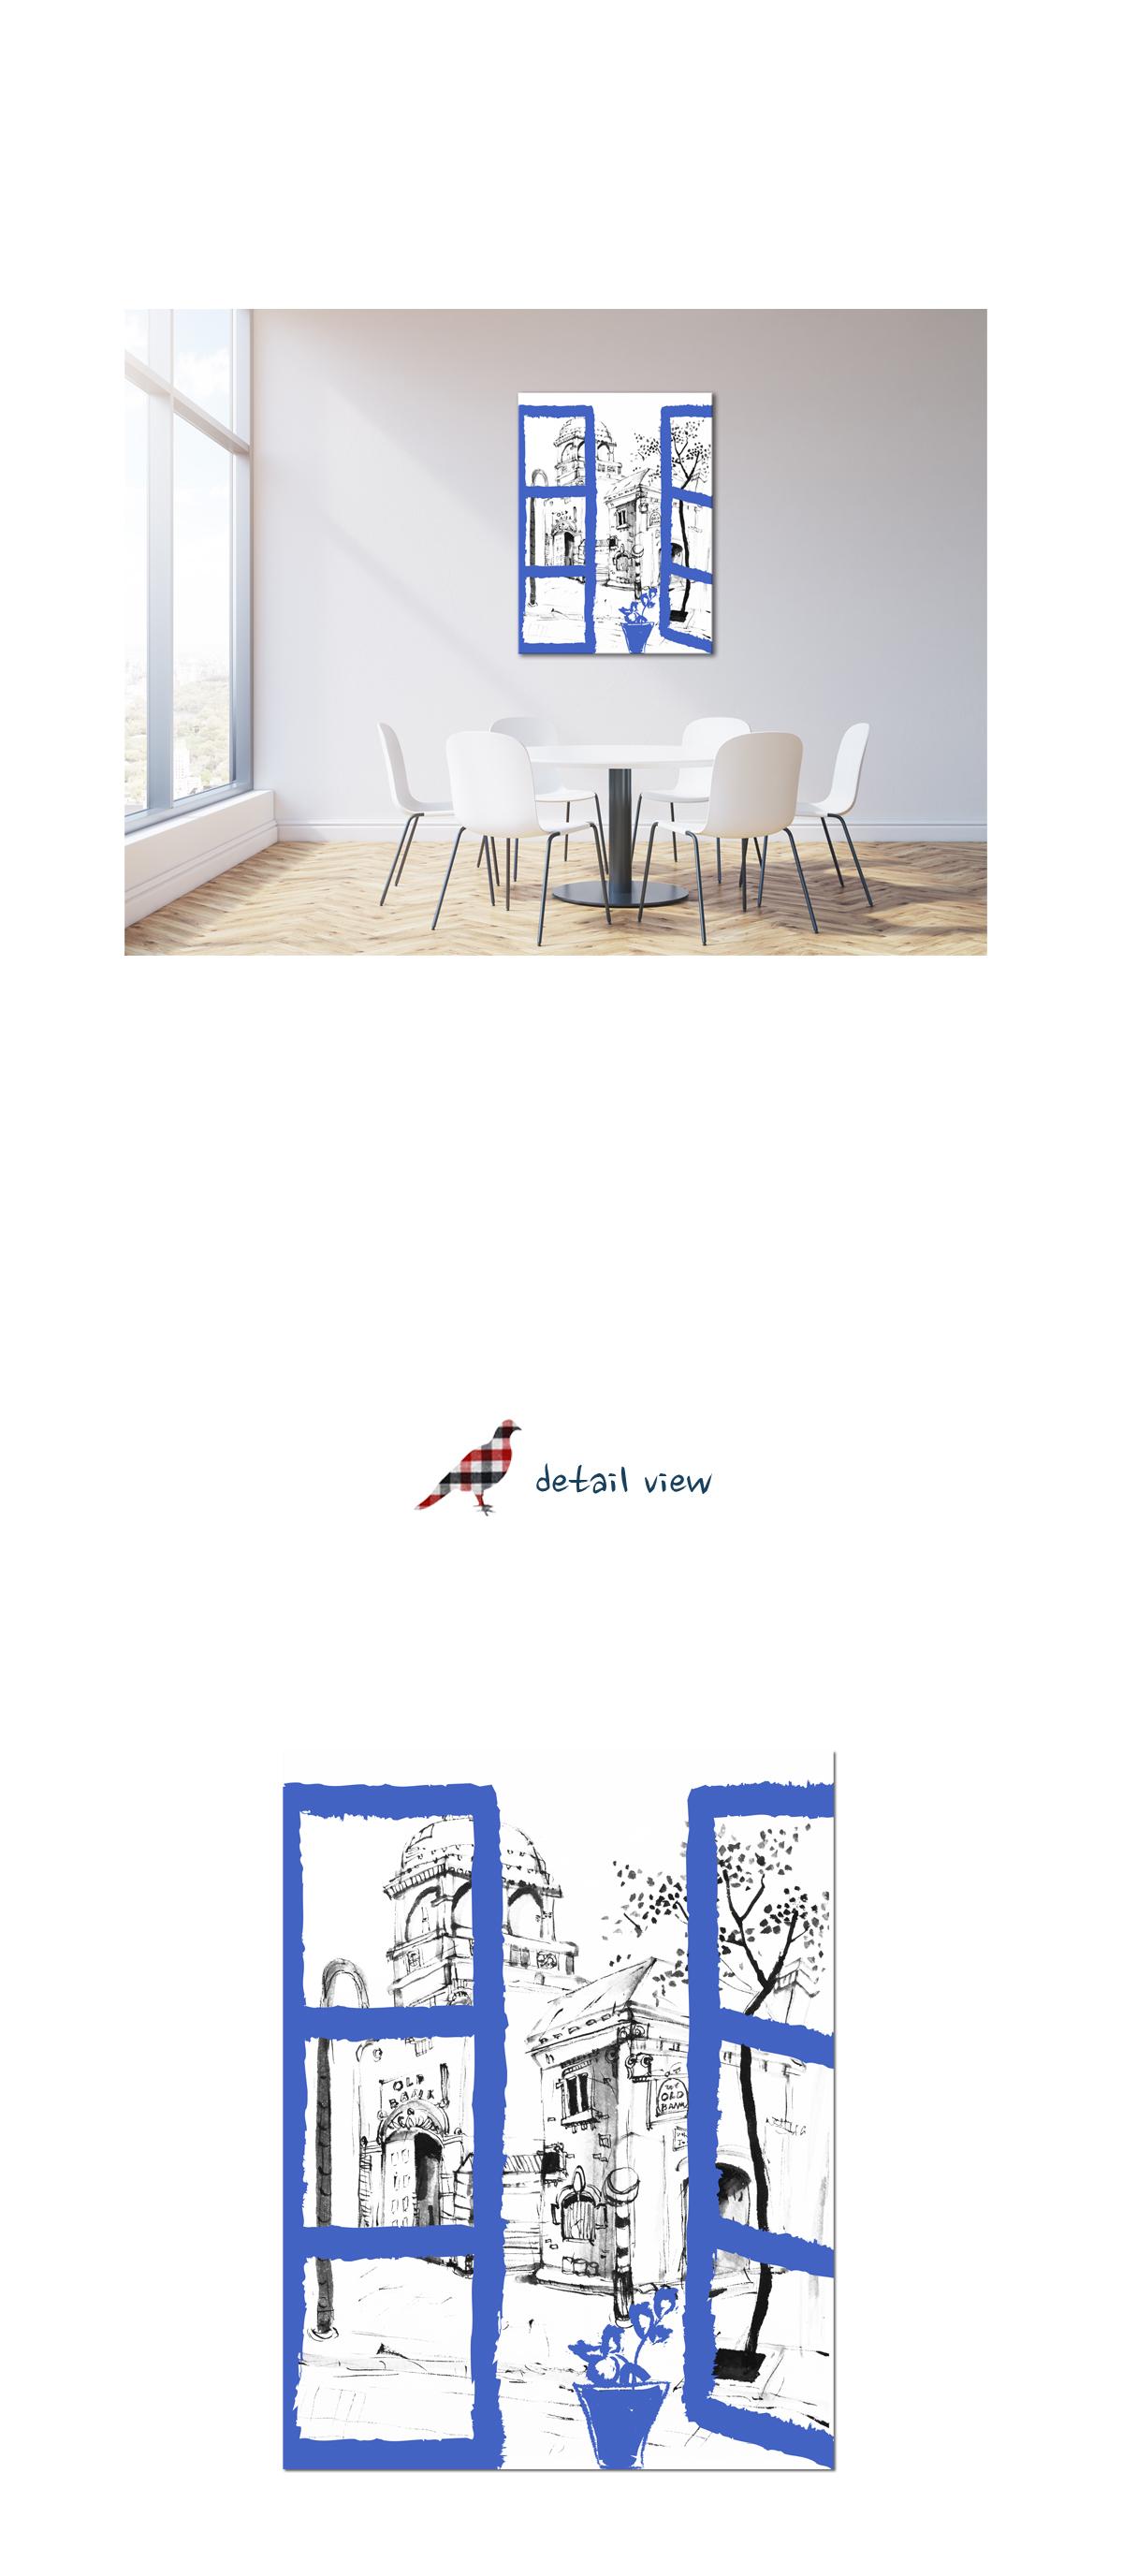 파란문 한국화 일러스트 인테리어 캔버스 그림액자 - 모모스케치, 124,000원, 홈갤러리, 캔버스아트